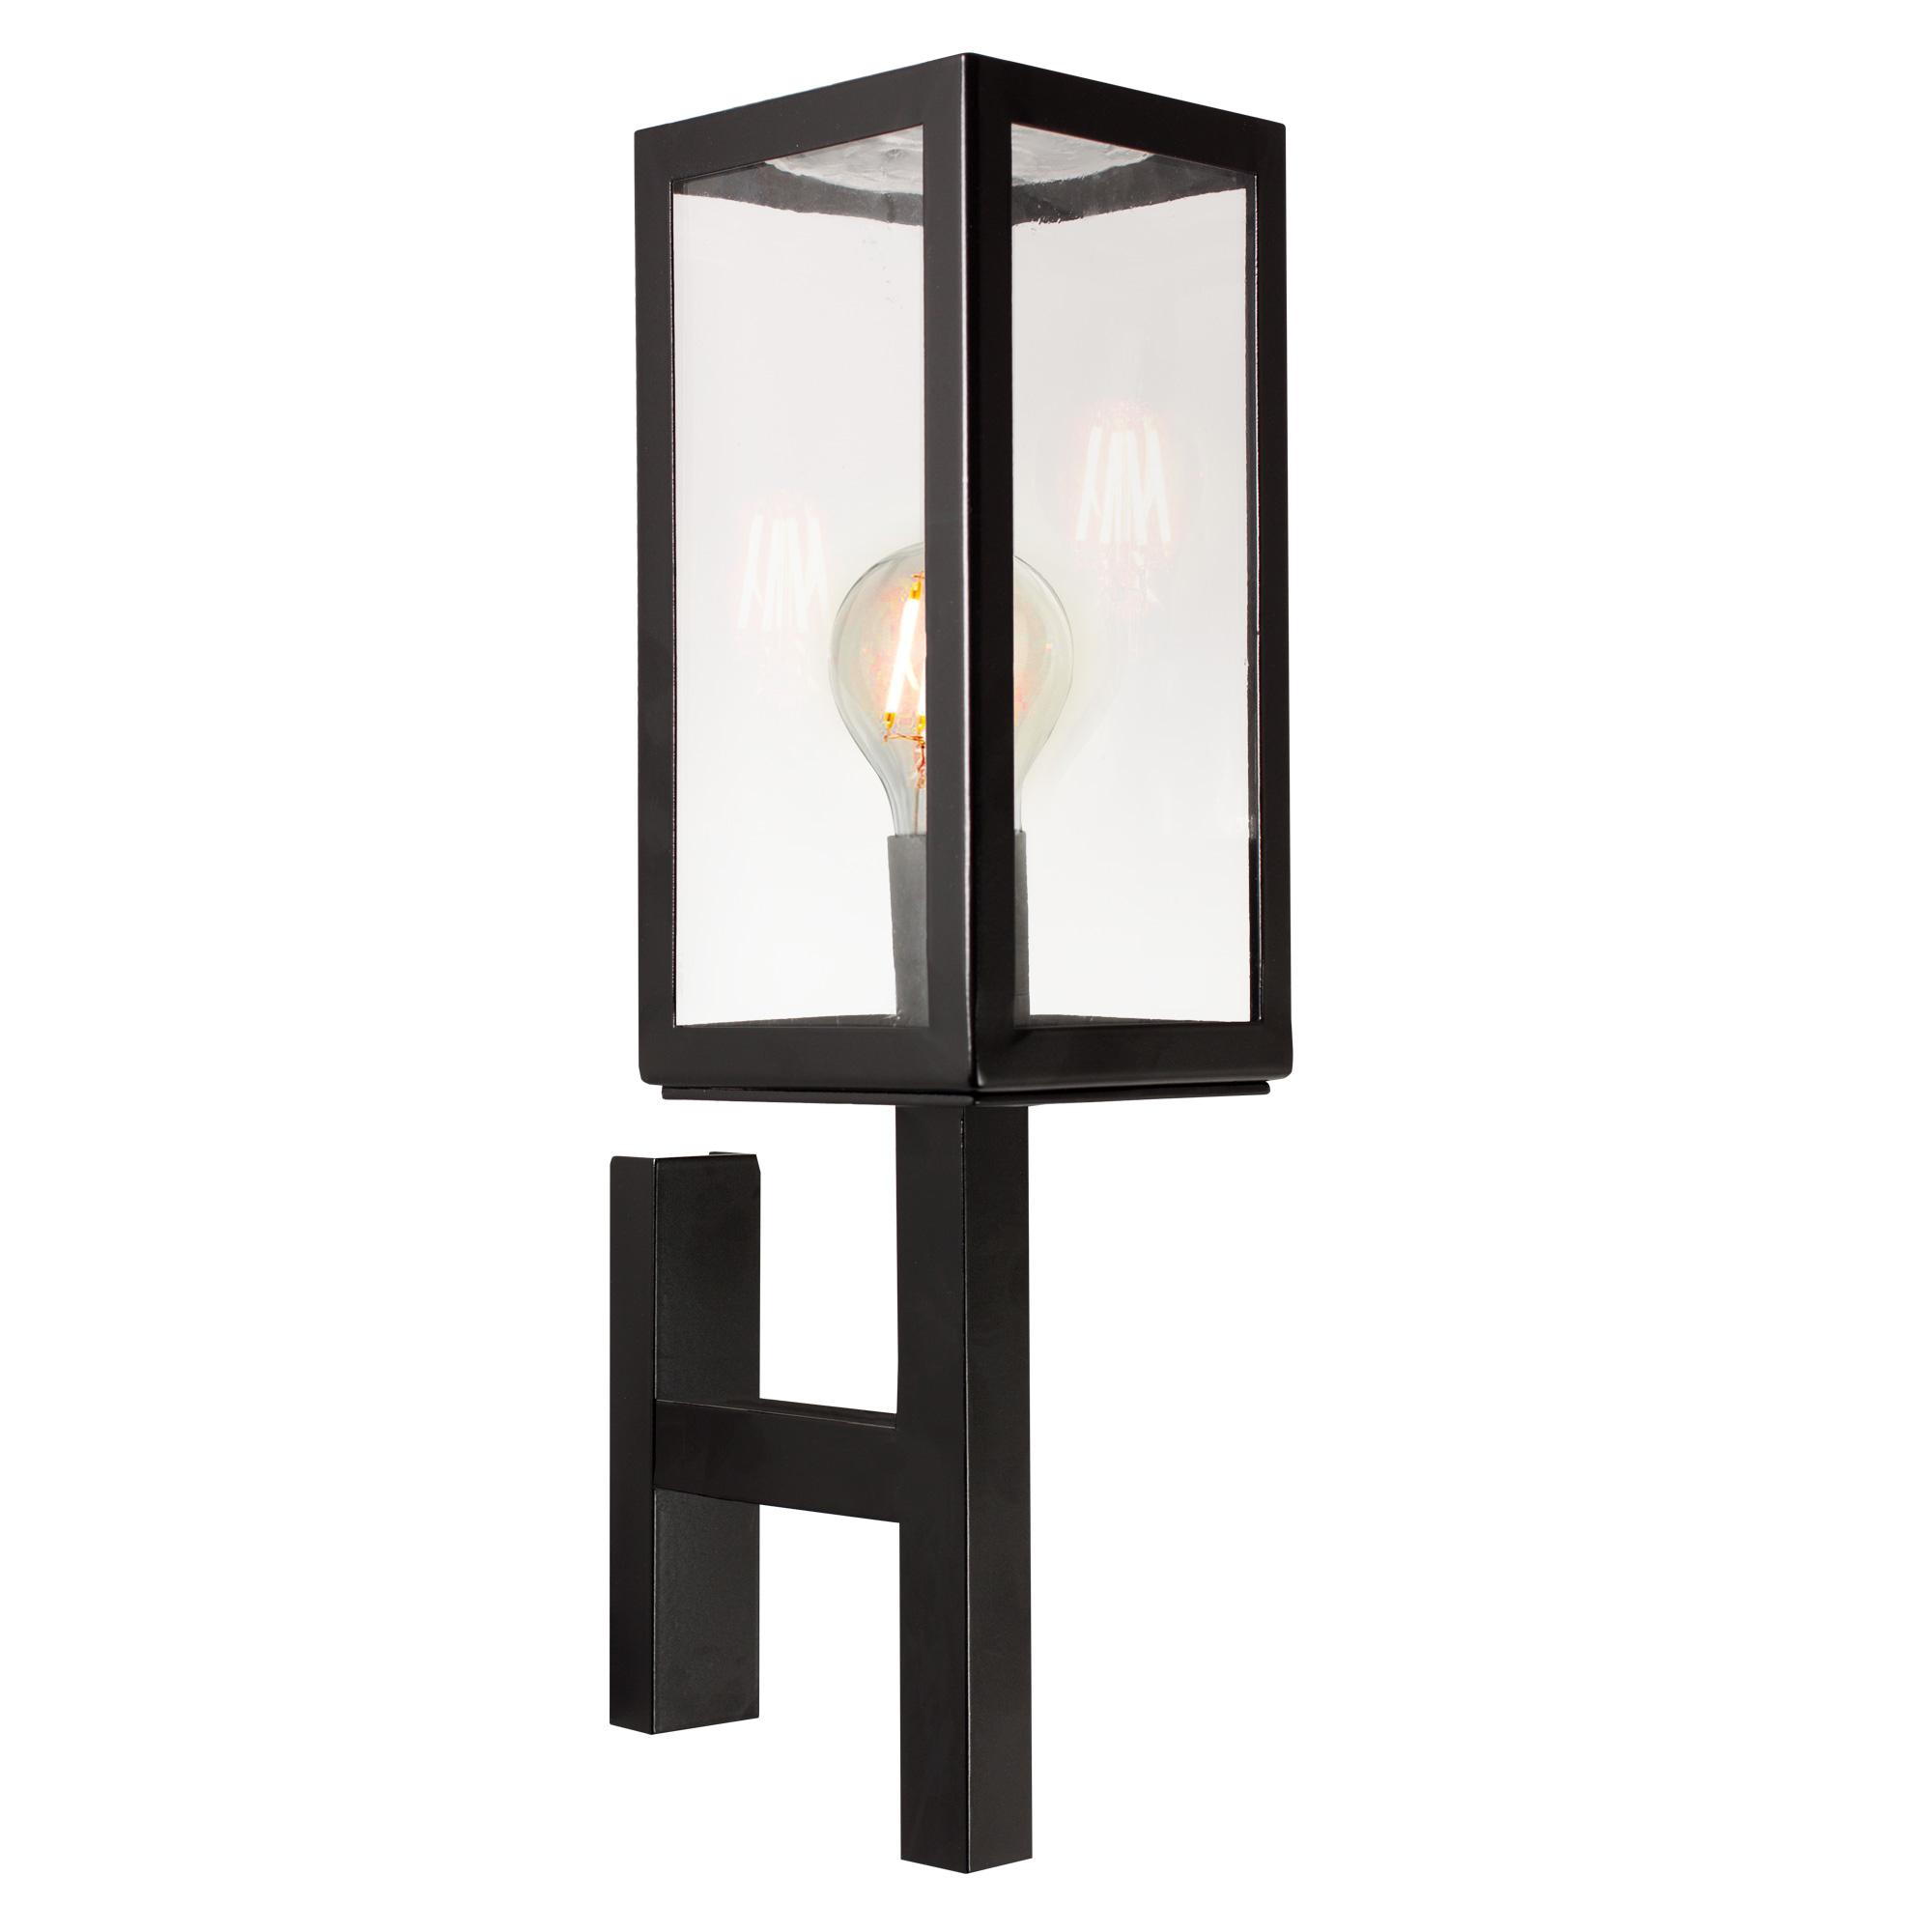 Muurlamp Bilthoven